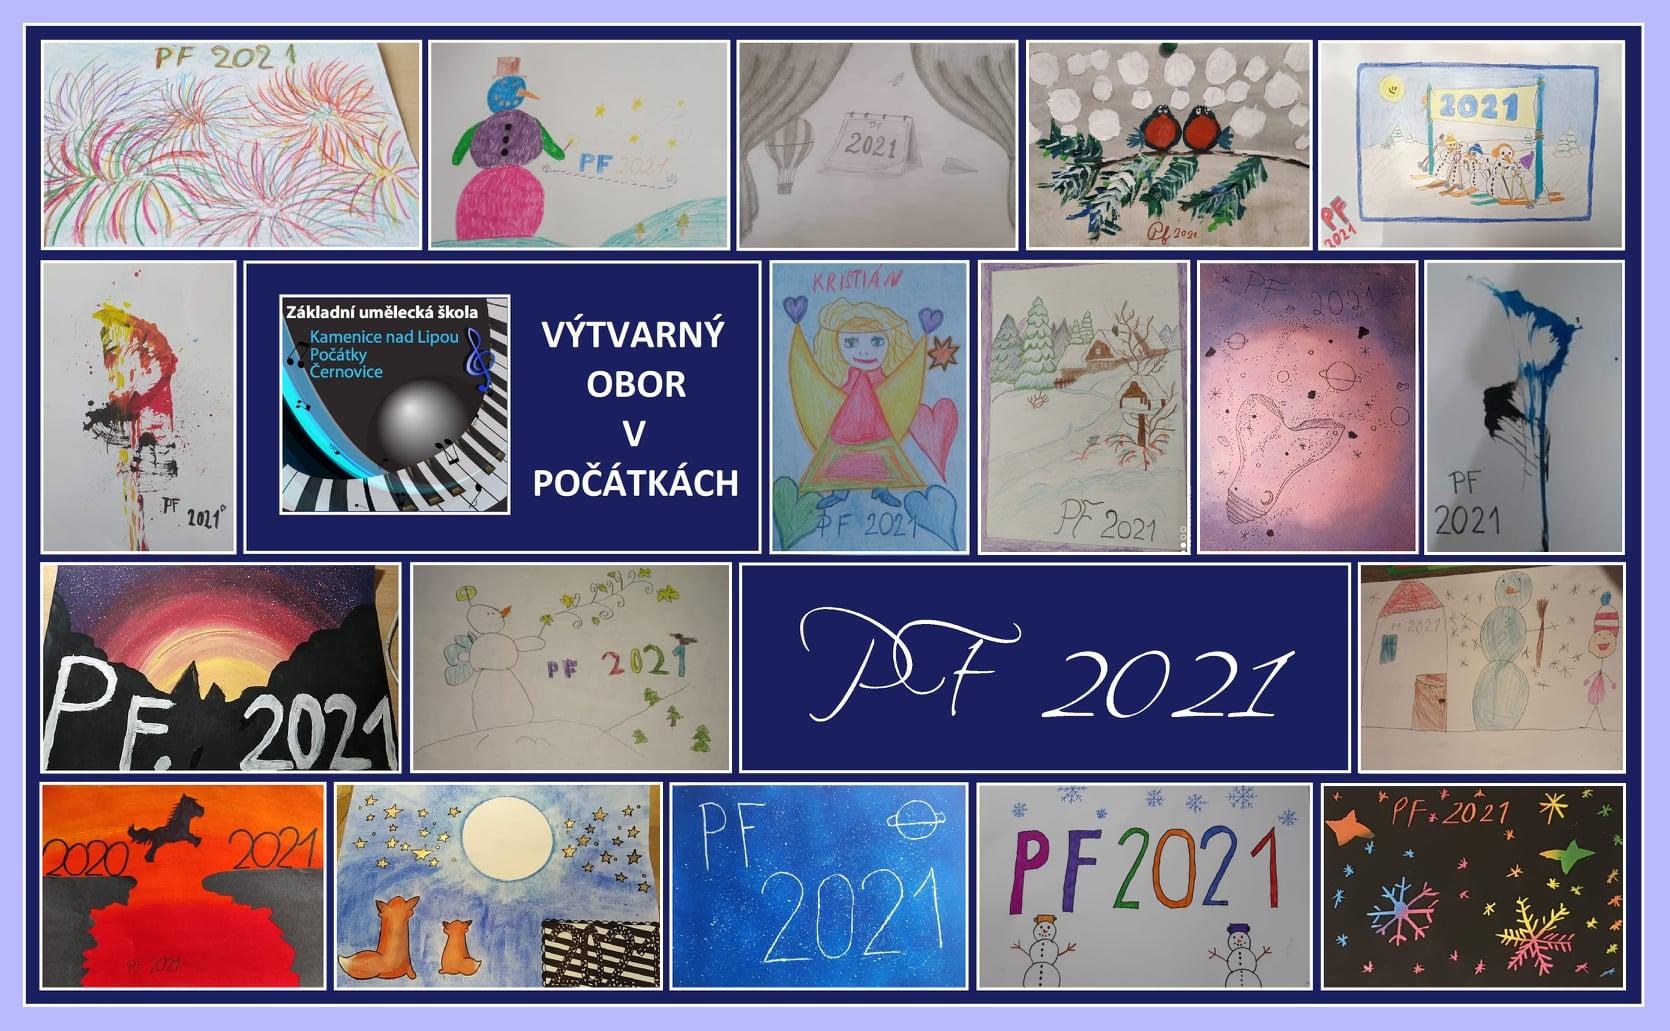 PF 2021 VÝTVARNÝ OBOR